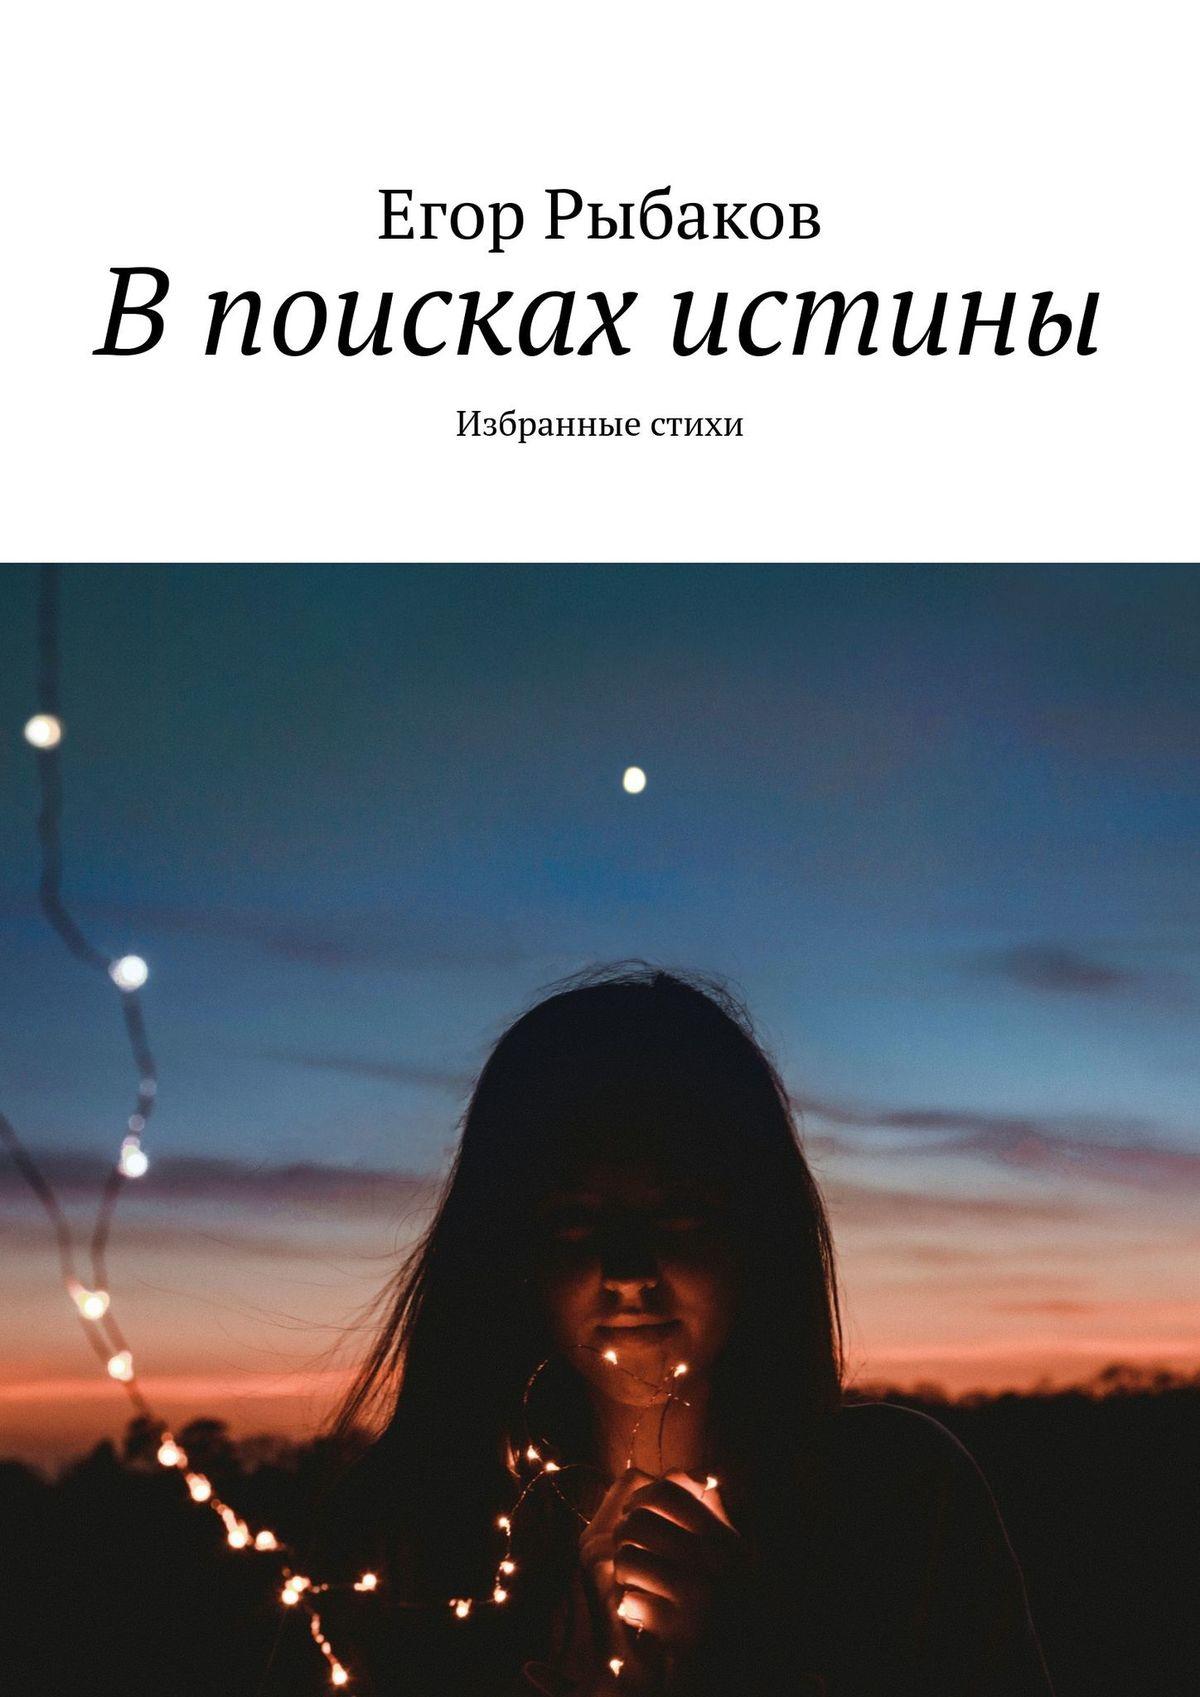 Фото - Егор Рыбаков В поисках истины. Избранные стихи егор рыбаков твою любовь я вижу в ласковом рассвете избранные стихи